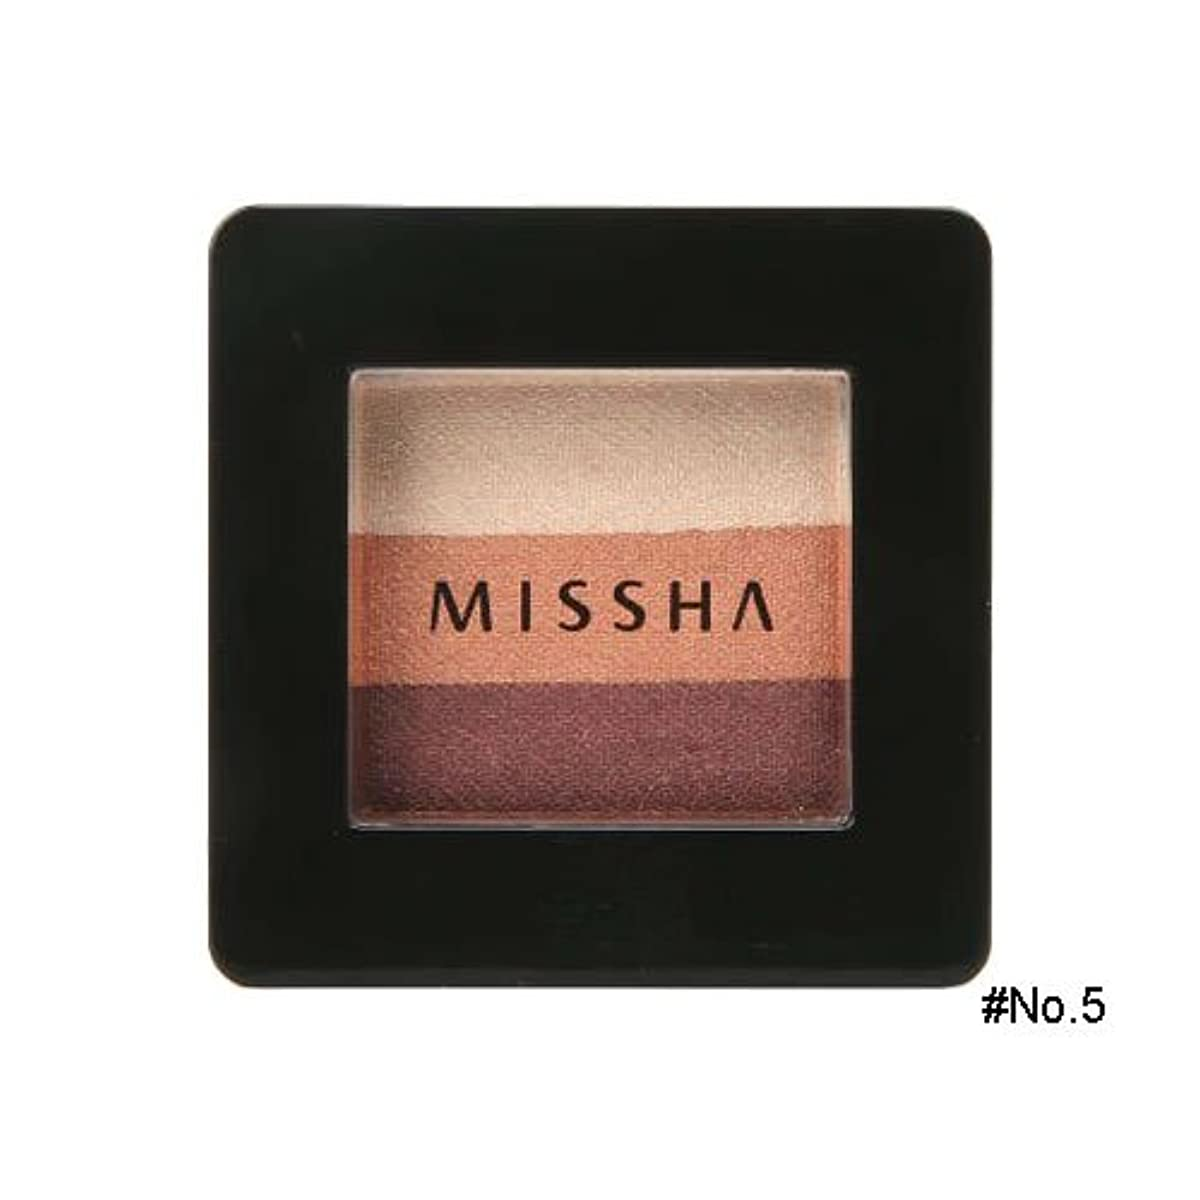 公使館世代徐々にミシャ(MISSHA) トリプルシャドウ 2g No.5(ビンテージプラム) [並行輸入品]